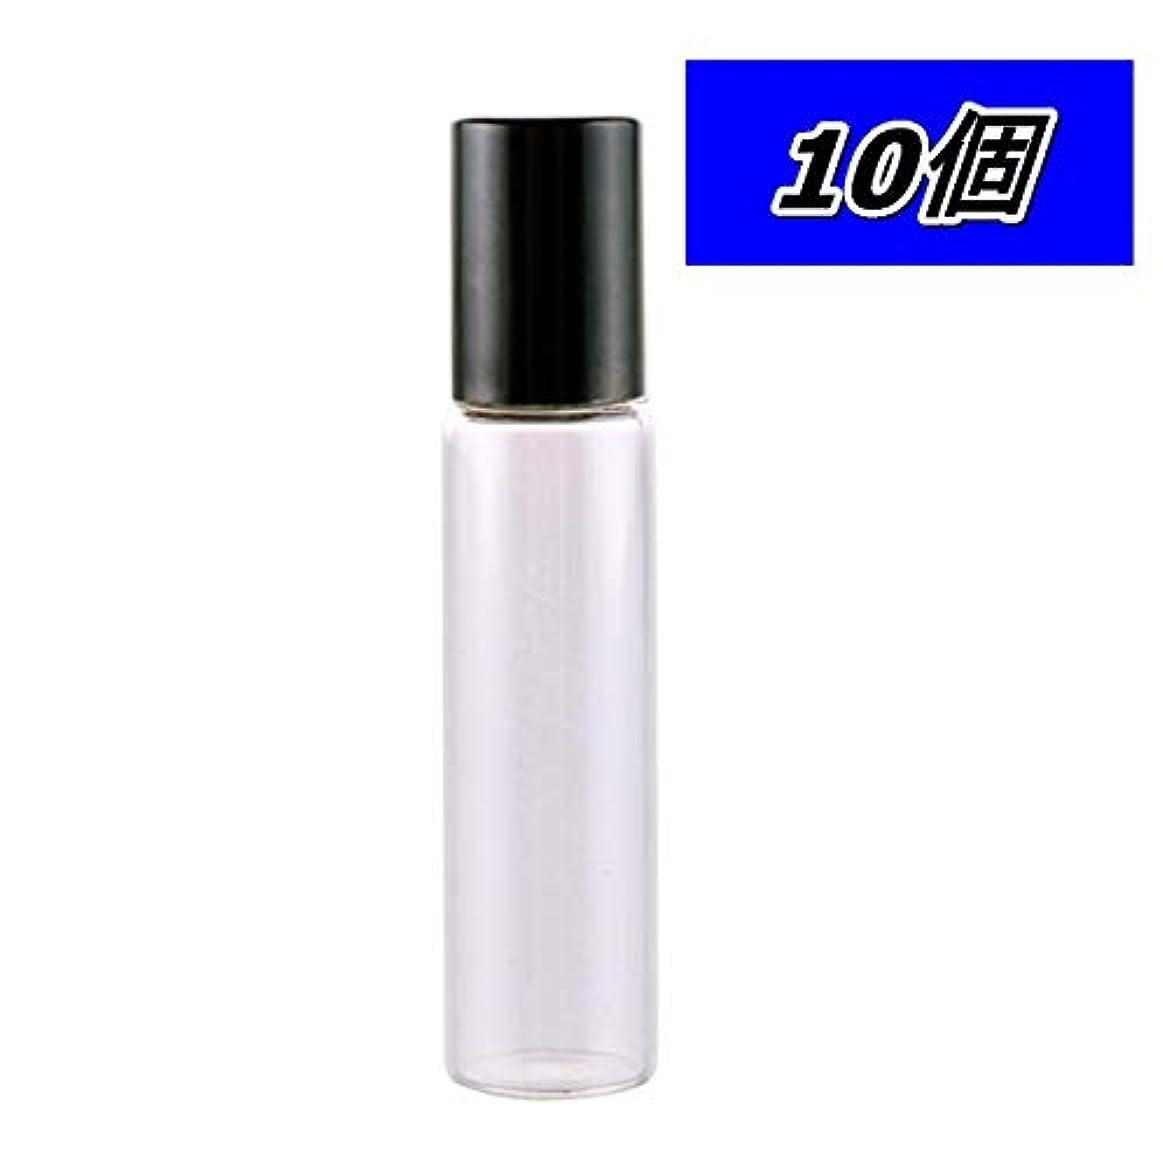 挨拶する肺自己尊重[SP] ロールオンボトル 容器 アロマ ボトル ガラス 瓶 透明 クリア 香水 小分け 持ち運び 10ml 10本 セット